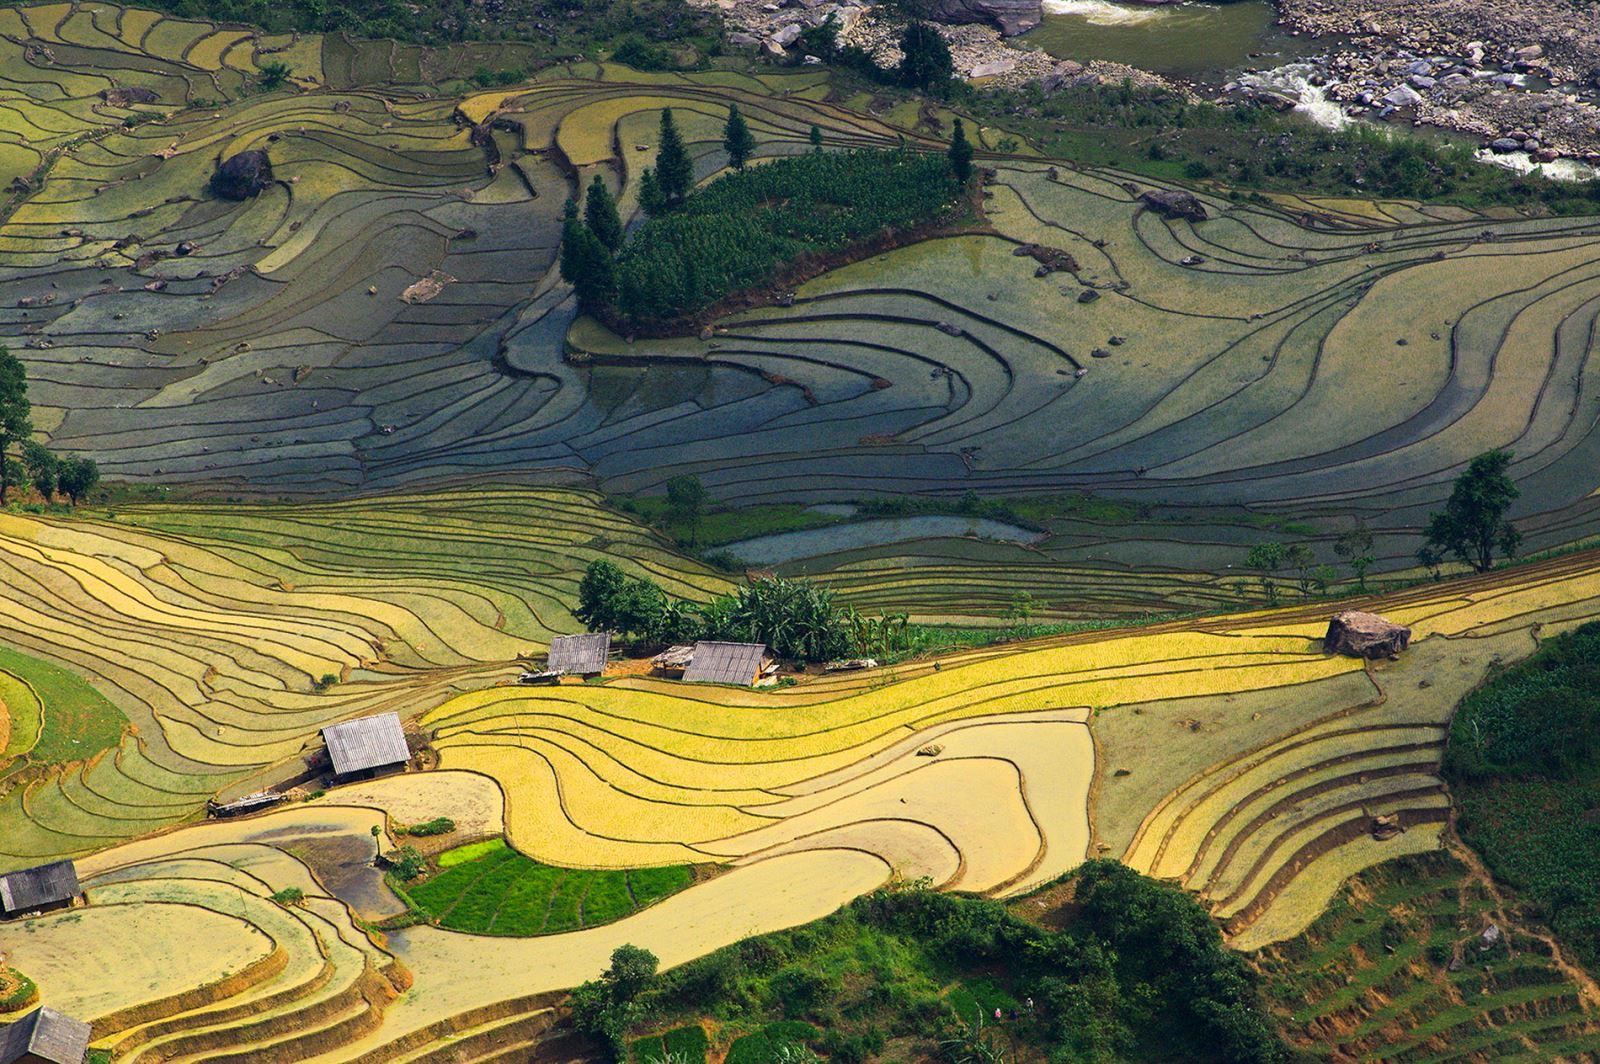 Bức họa đa màu sắc ở Thiên Sinh - Y Tý (Lào Cai).